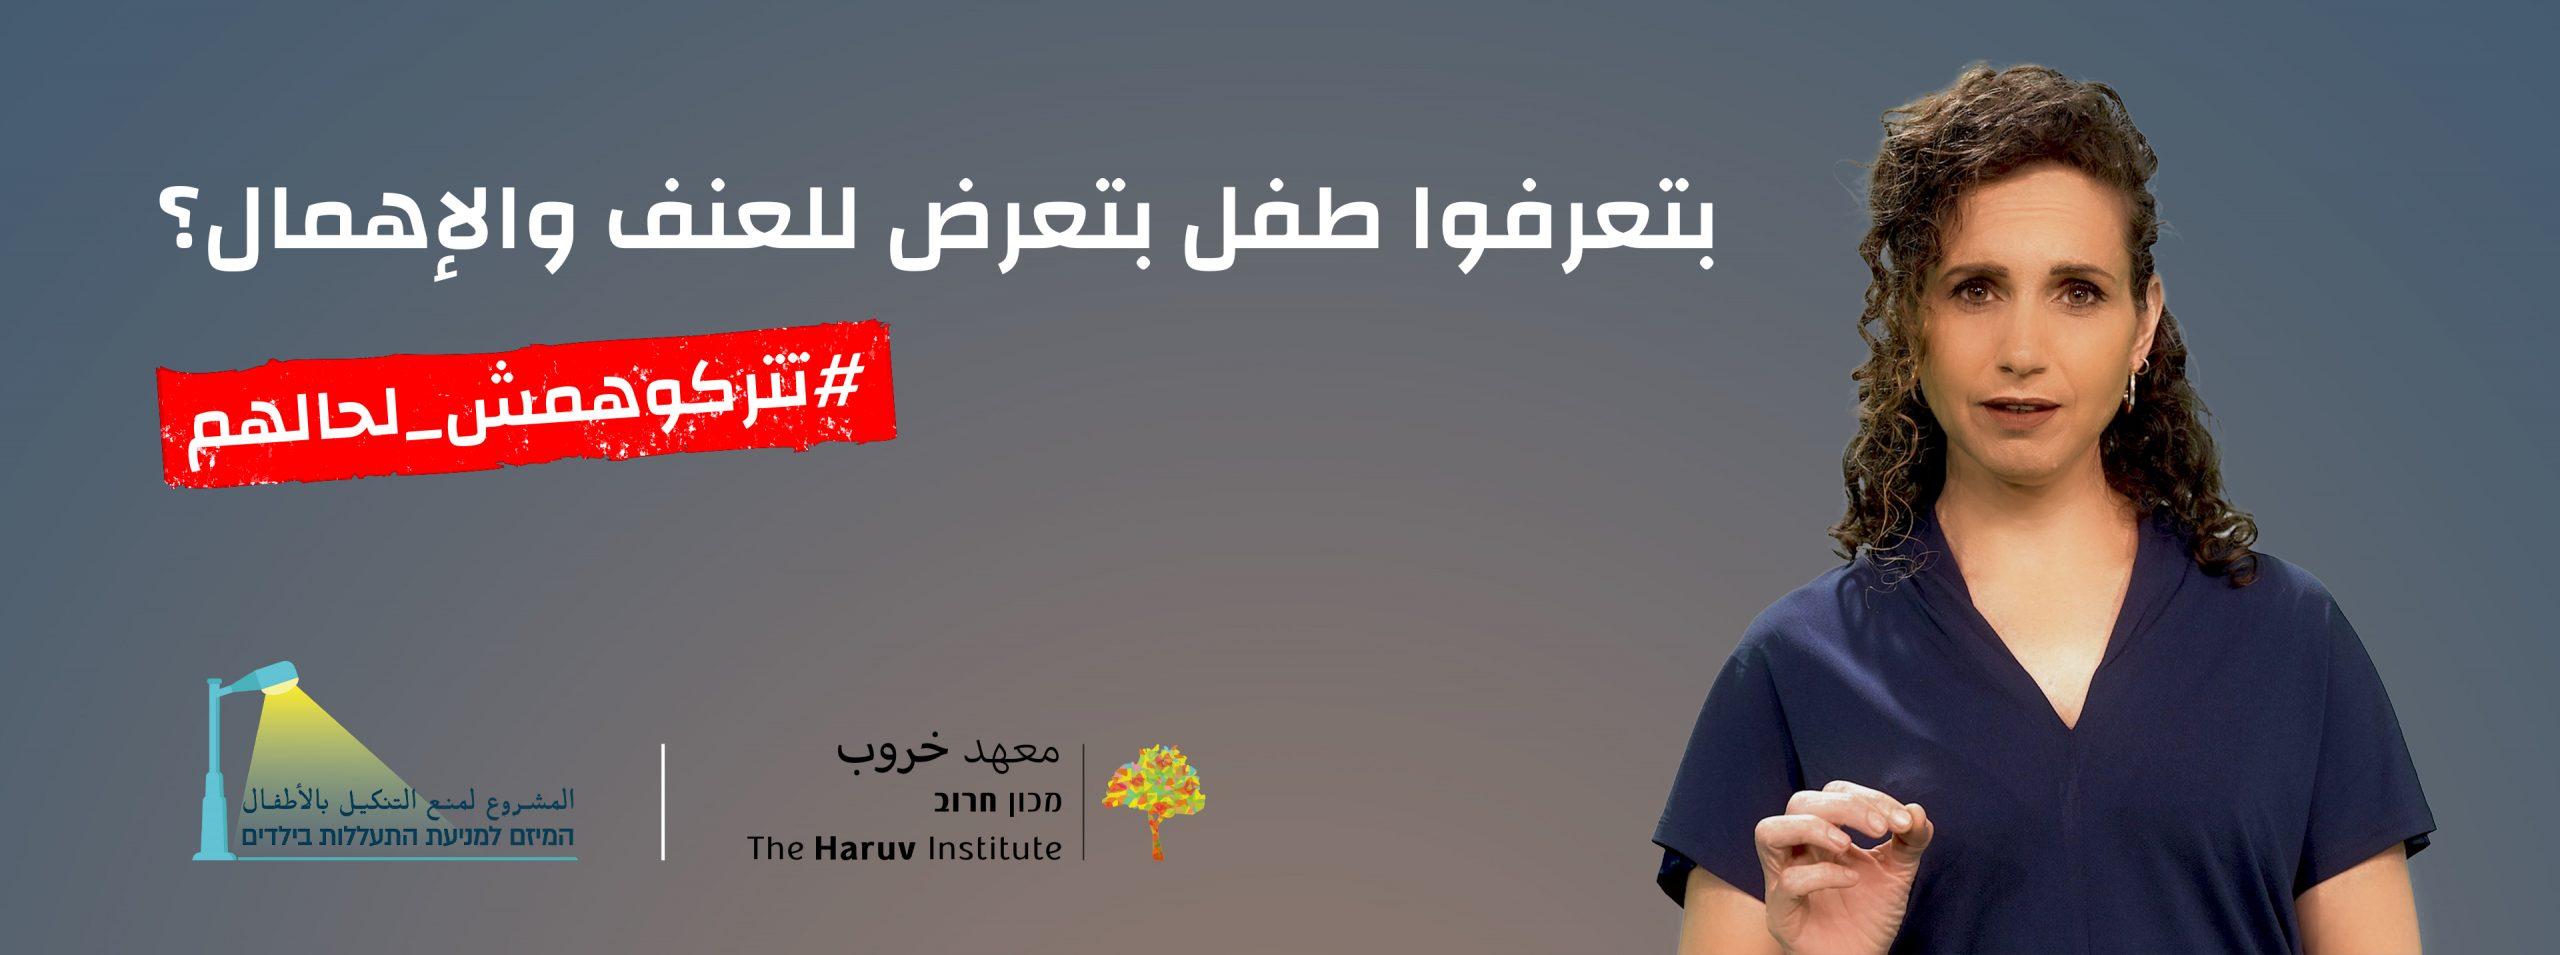 חובת הדיווח בקמפיין בערבית